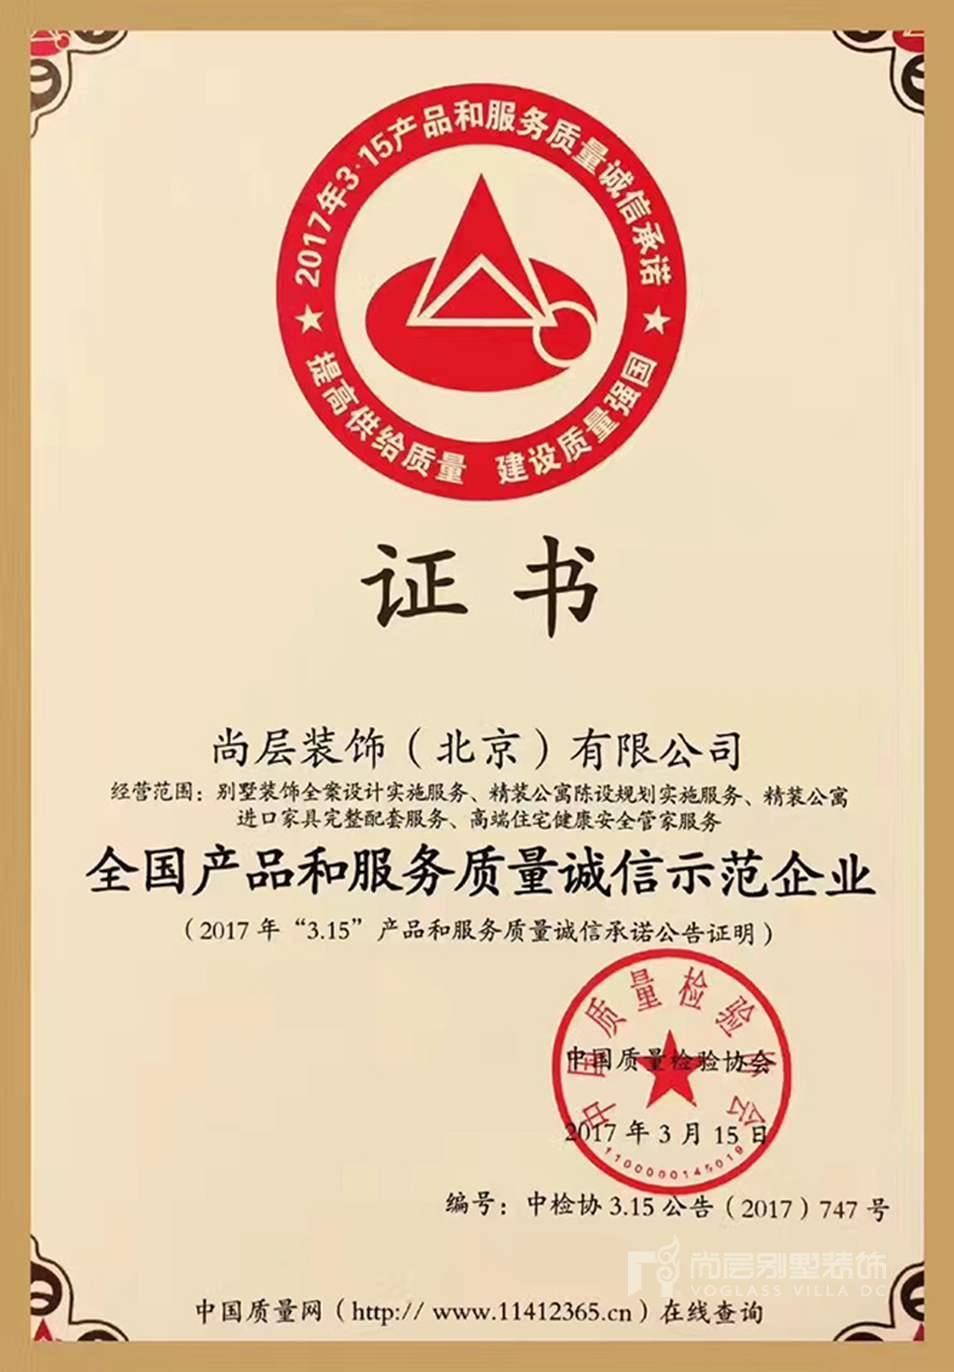 尚层装饰《全国产品和服务质量诚信示范企业》证书